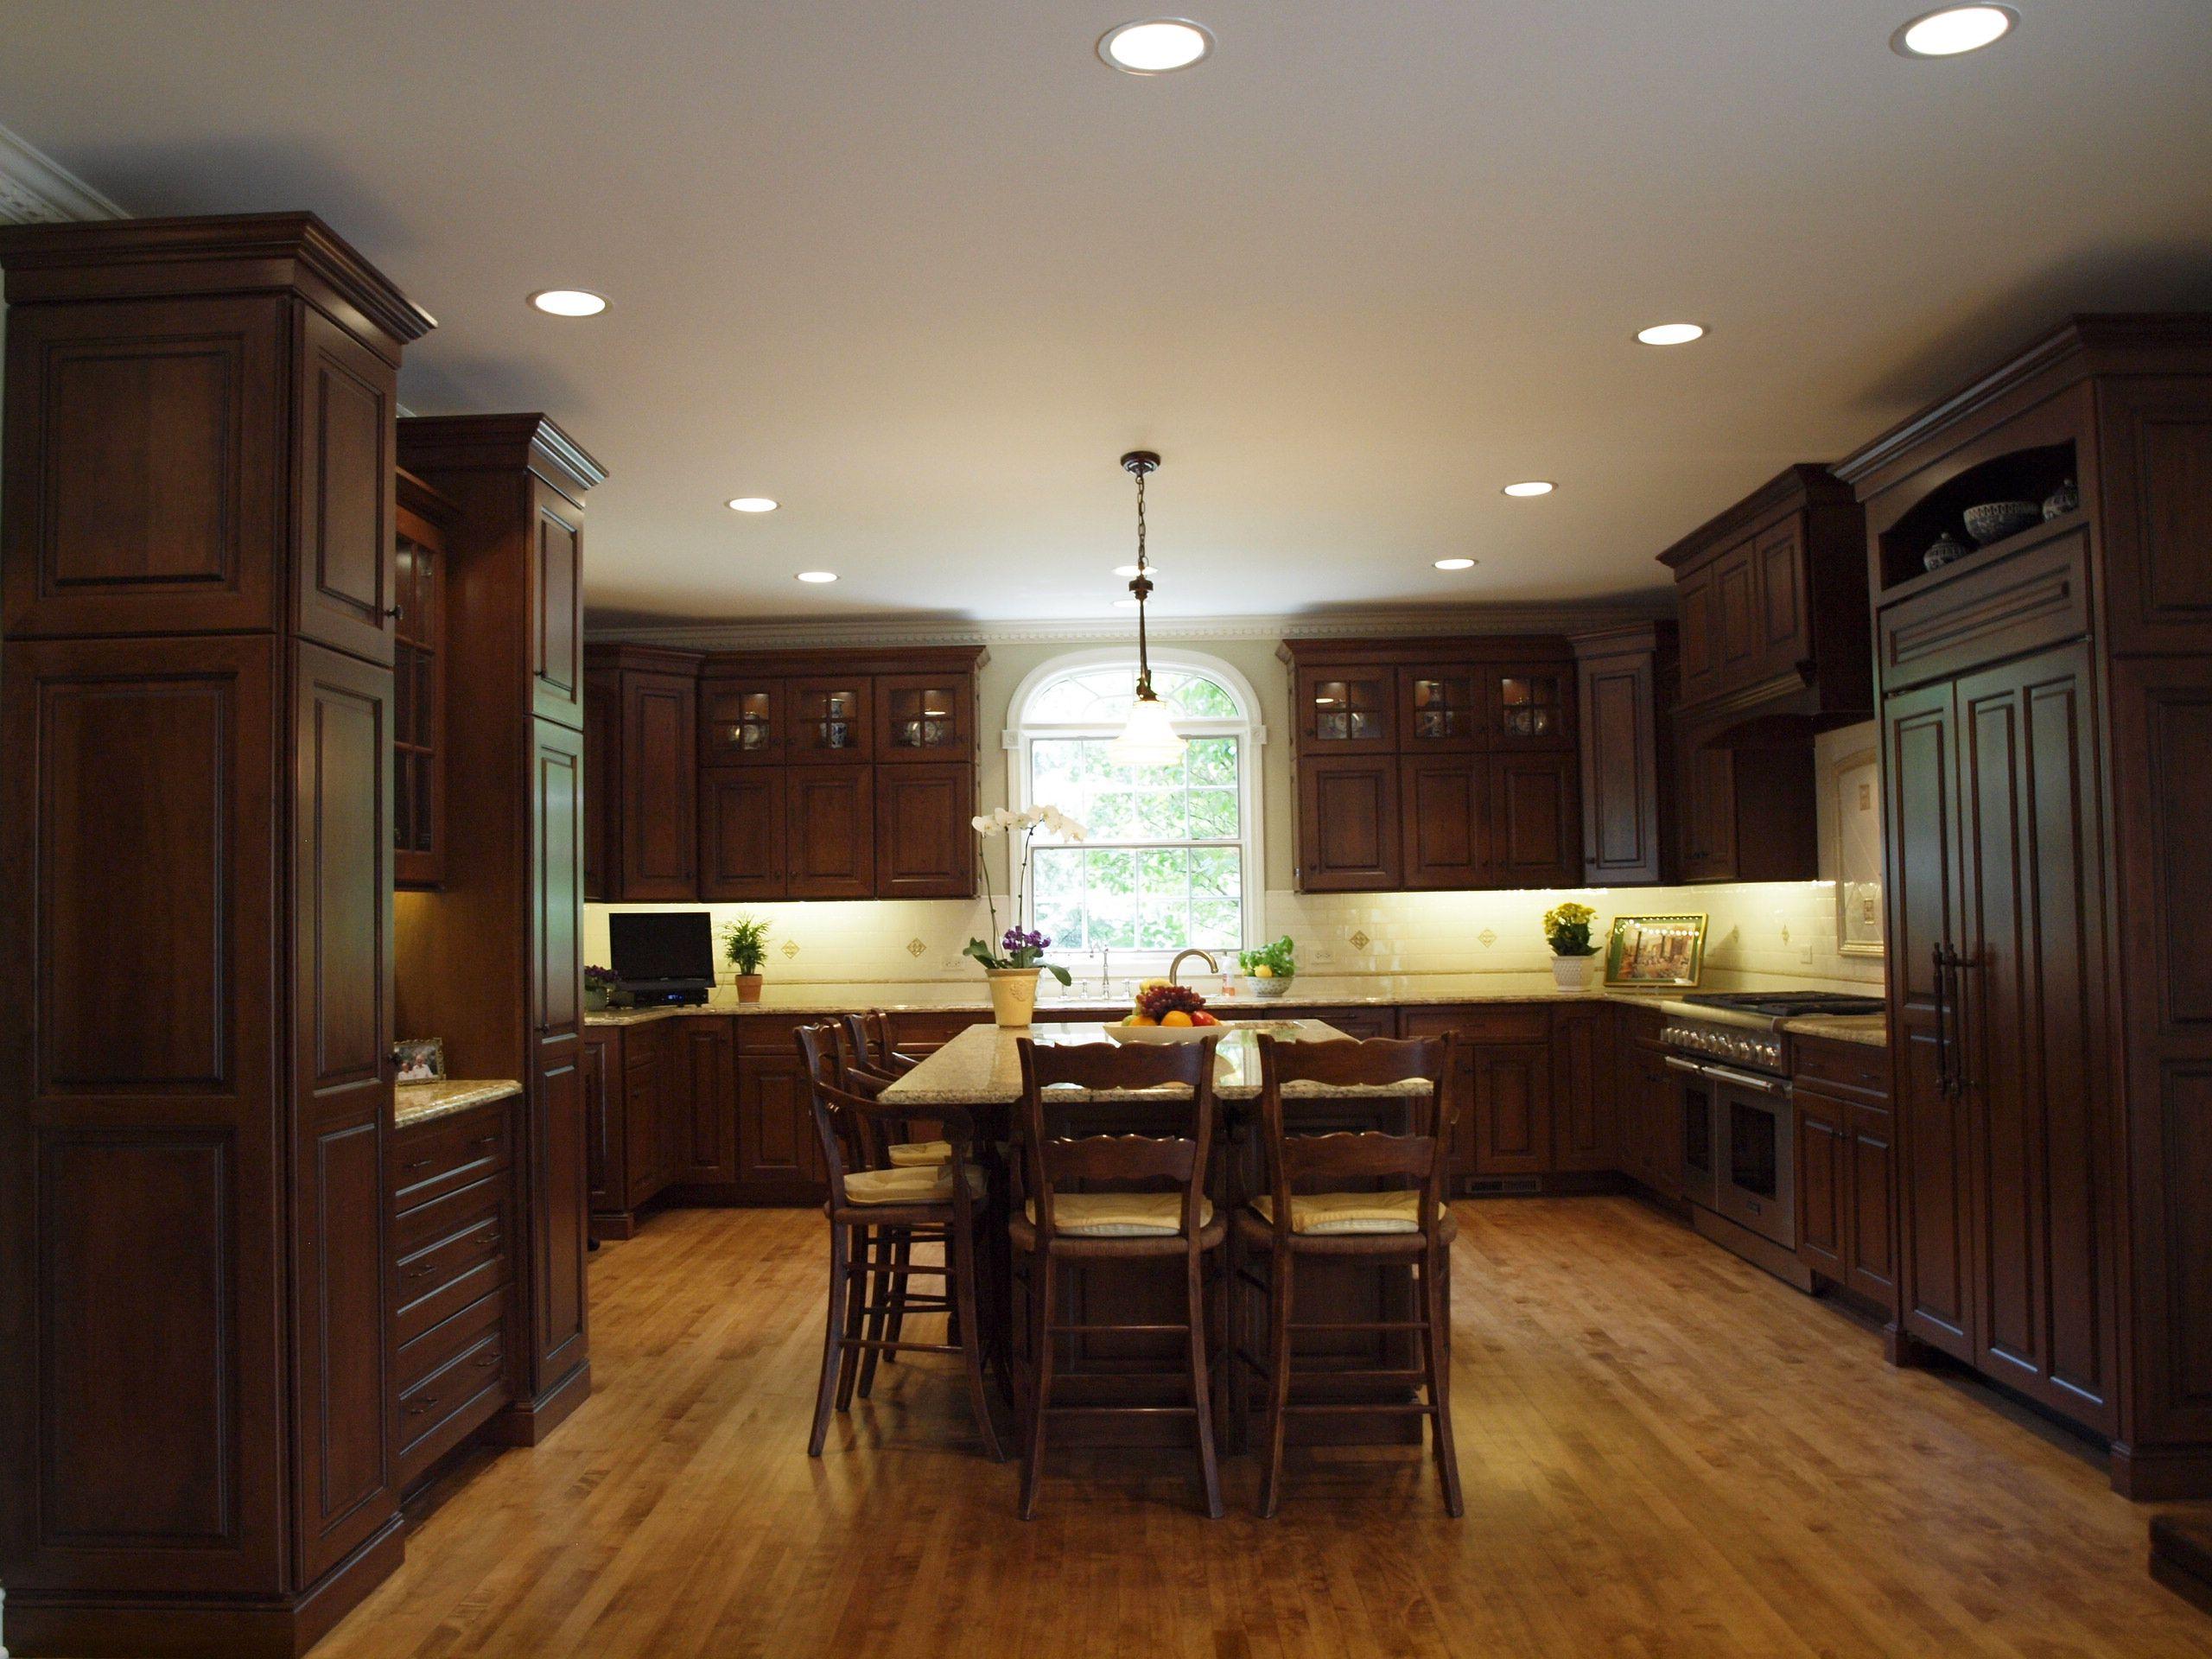 Tolle Möbel Für Kolonial Stil Küche Desaign Mit Holz Material